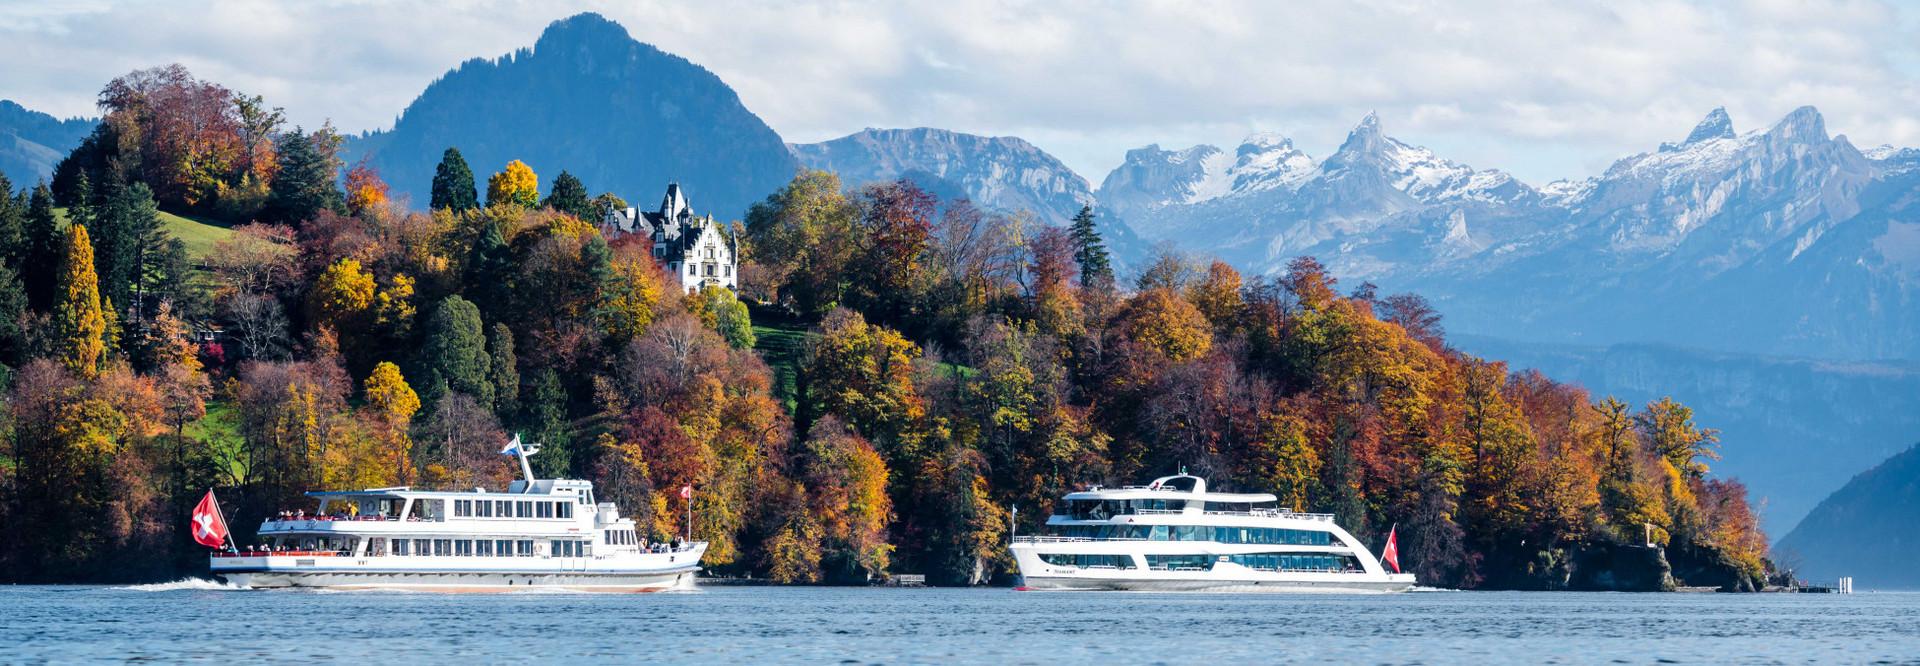 [Translate to English:] Zwei Motorschiffe kreuzen sich vor dem Meggenhorn - im Hintergrund sind die Berge sowie die schöne Herbststimmung zu sehen